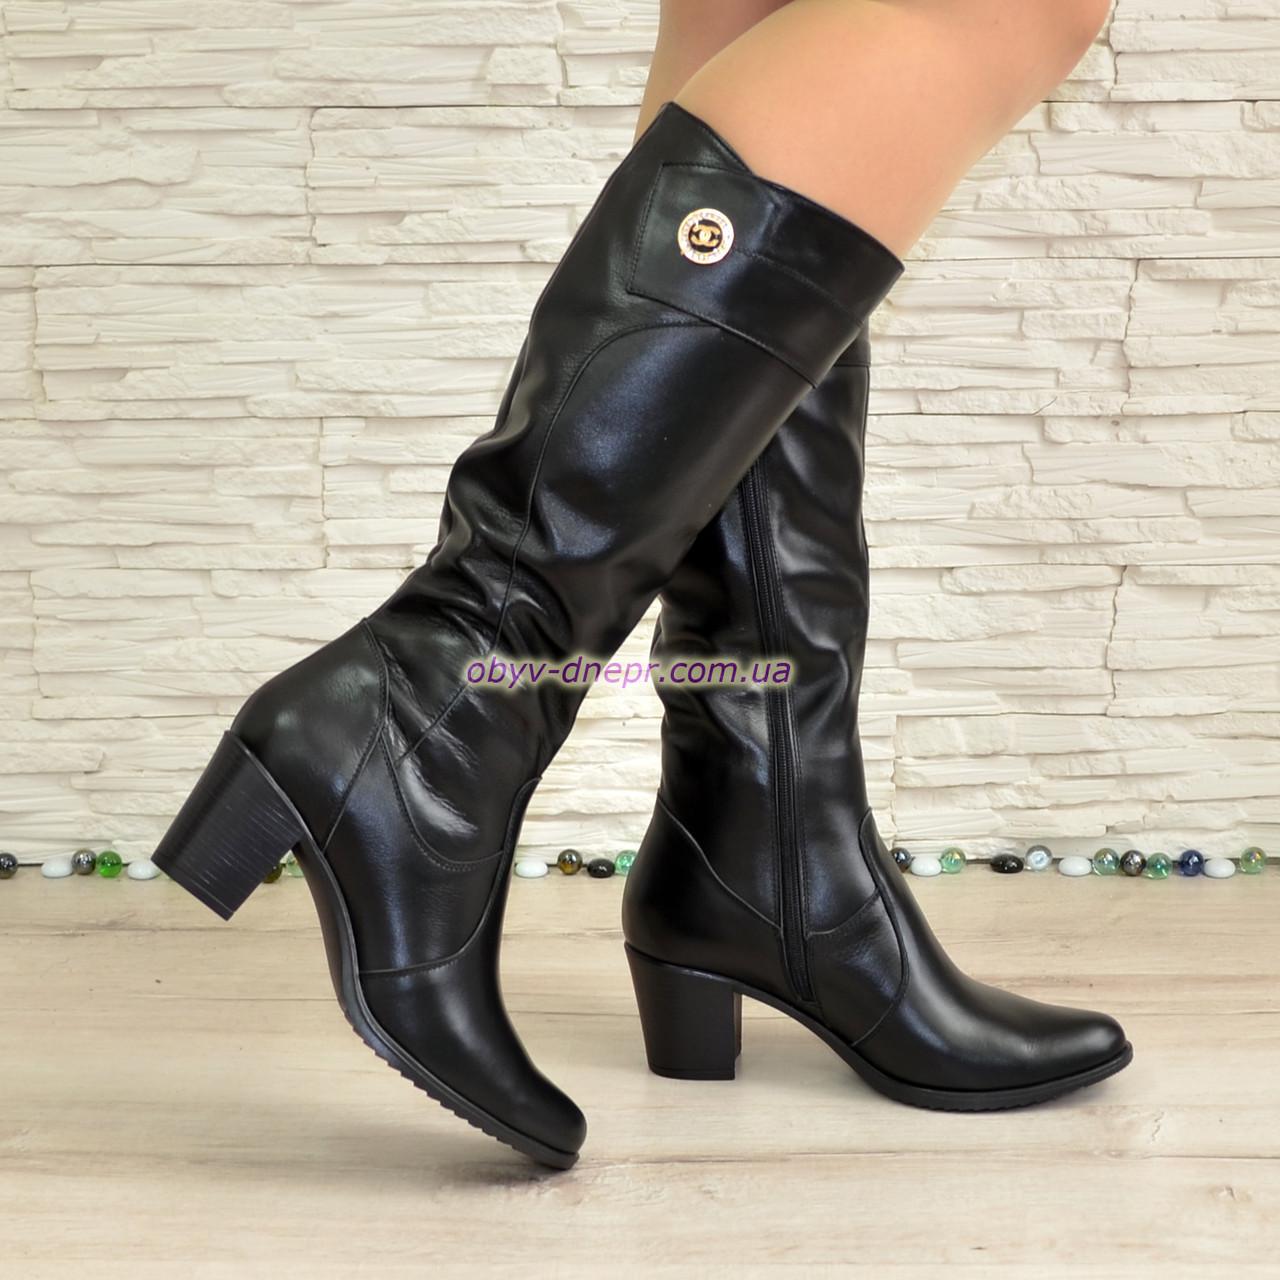 Женские   черные кожаные сапоги на устойчивом каблуке, декорированы фурнитурой